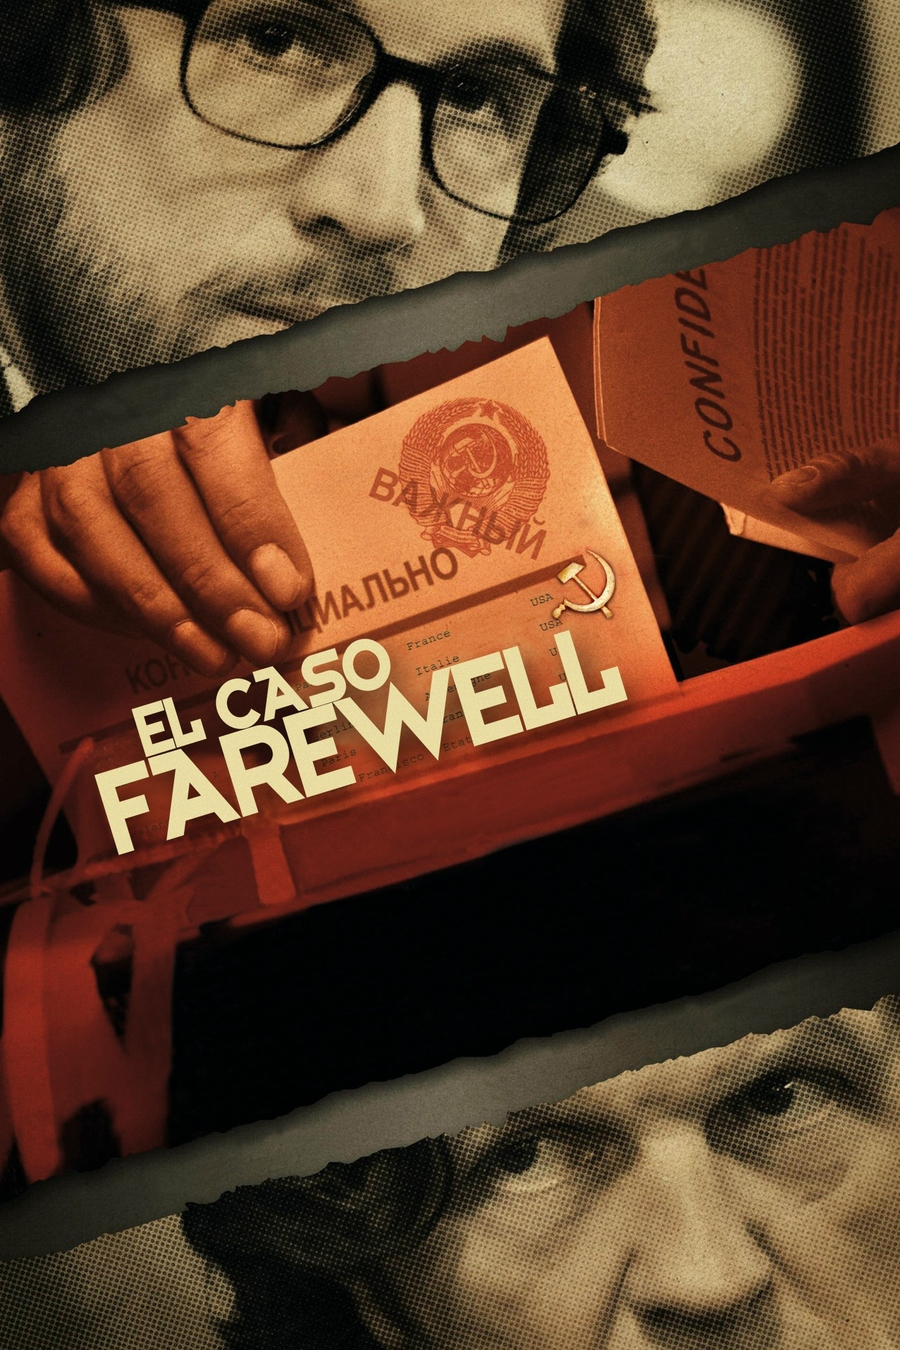 El cas Farewell